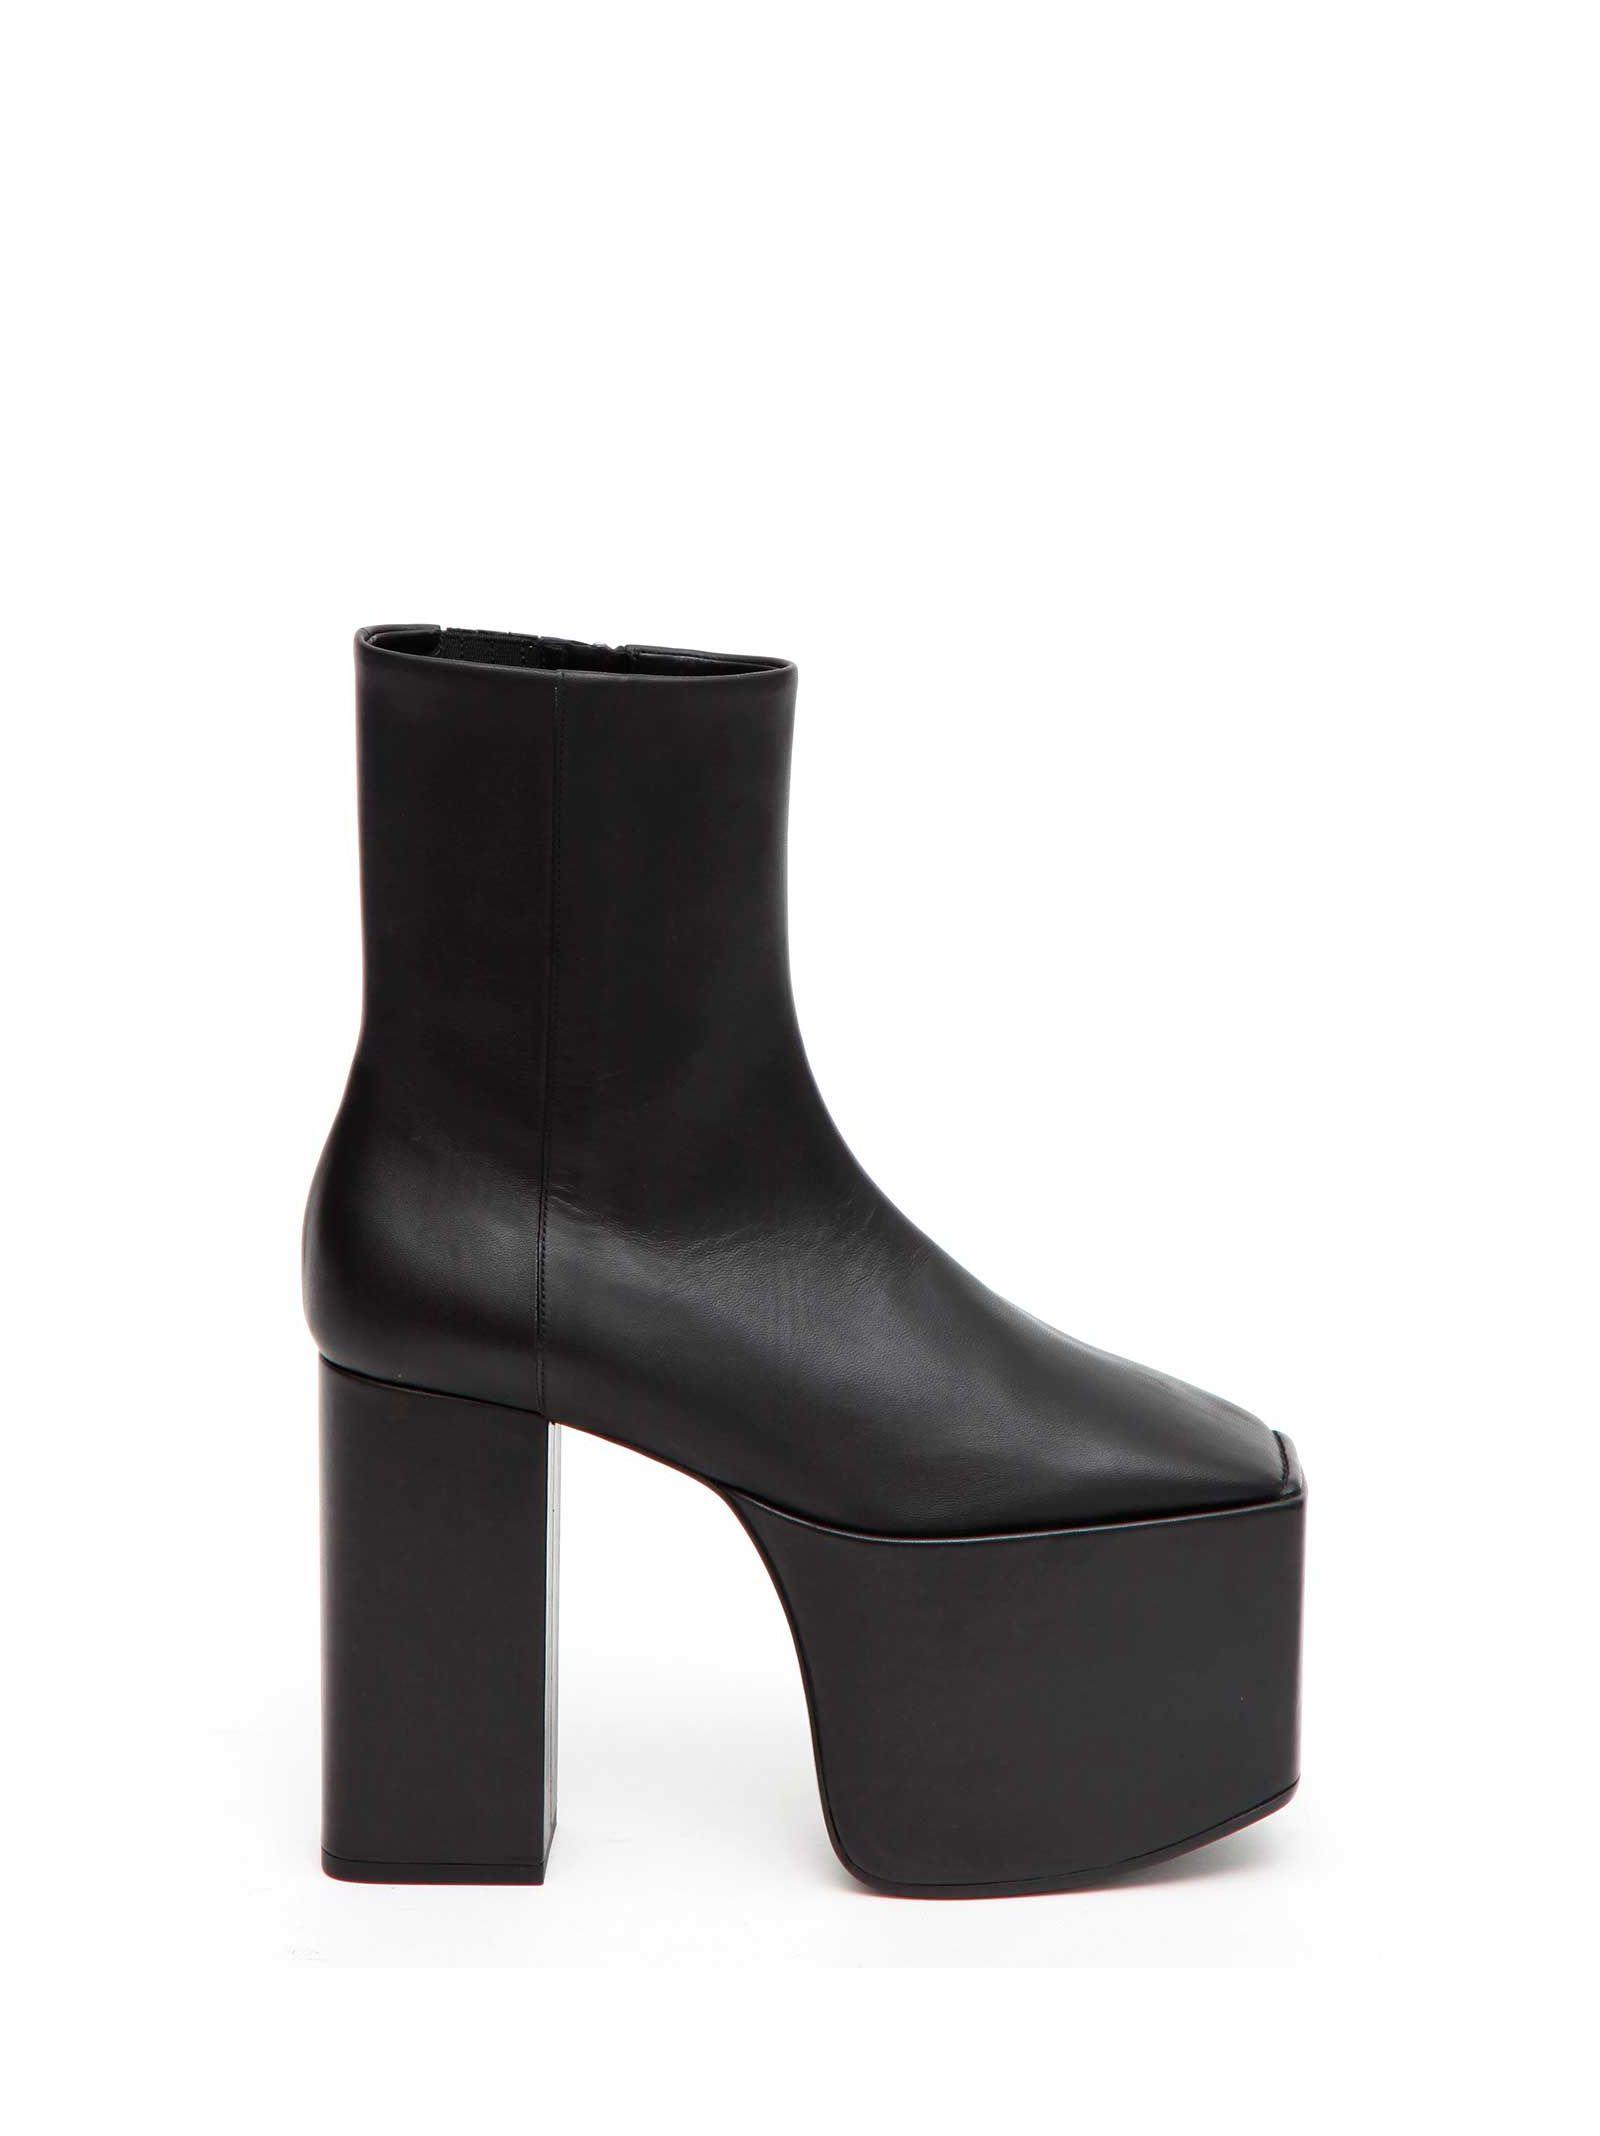 Balenciaga Wedge Boots - Balenciaga - Joy